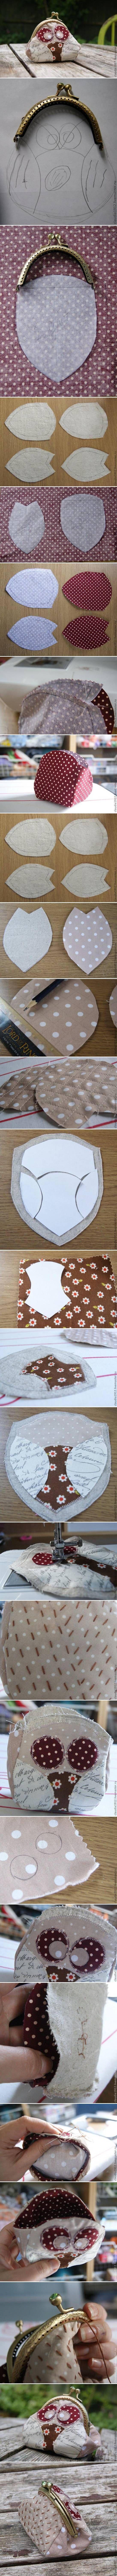 DIY Cute Fabric Owl Purse DIY Projects